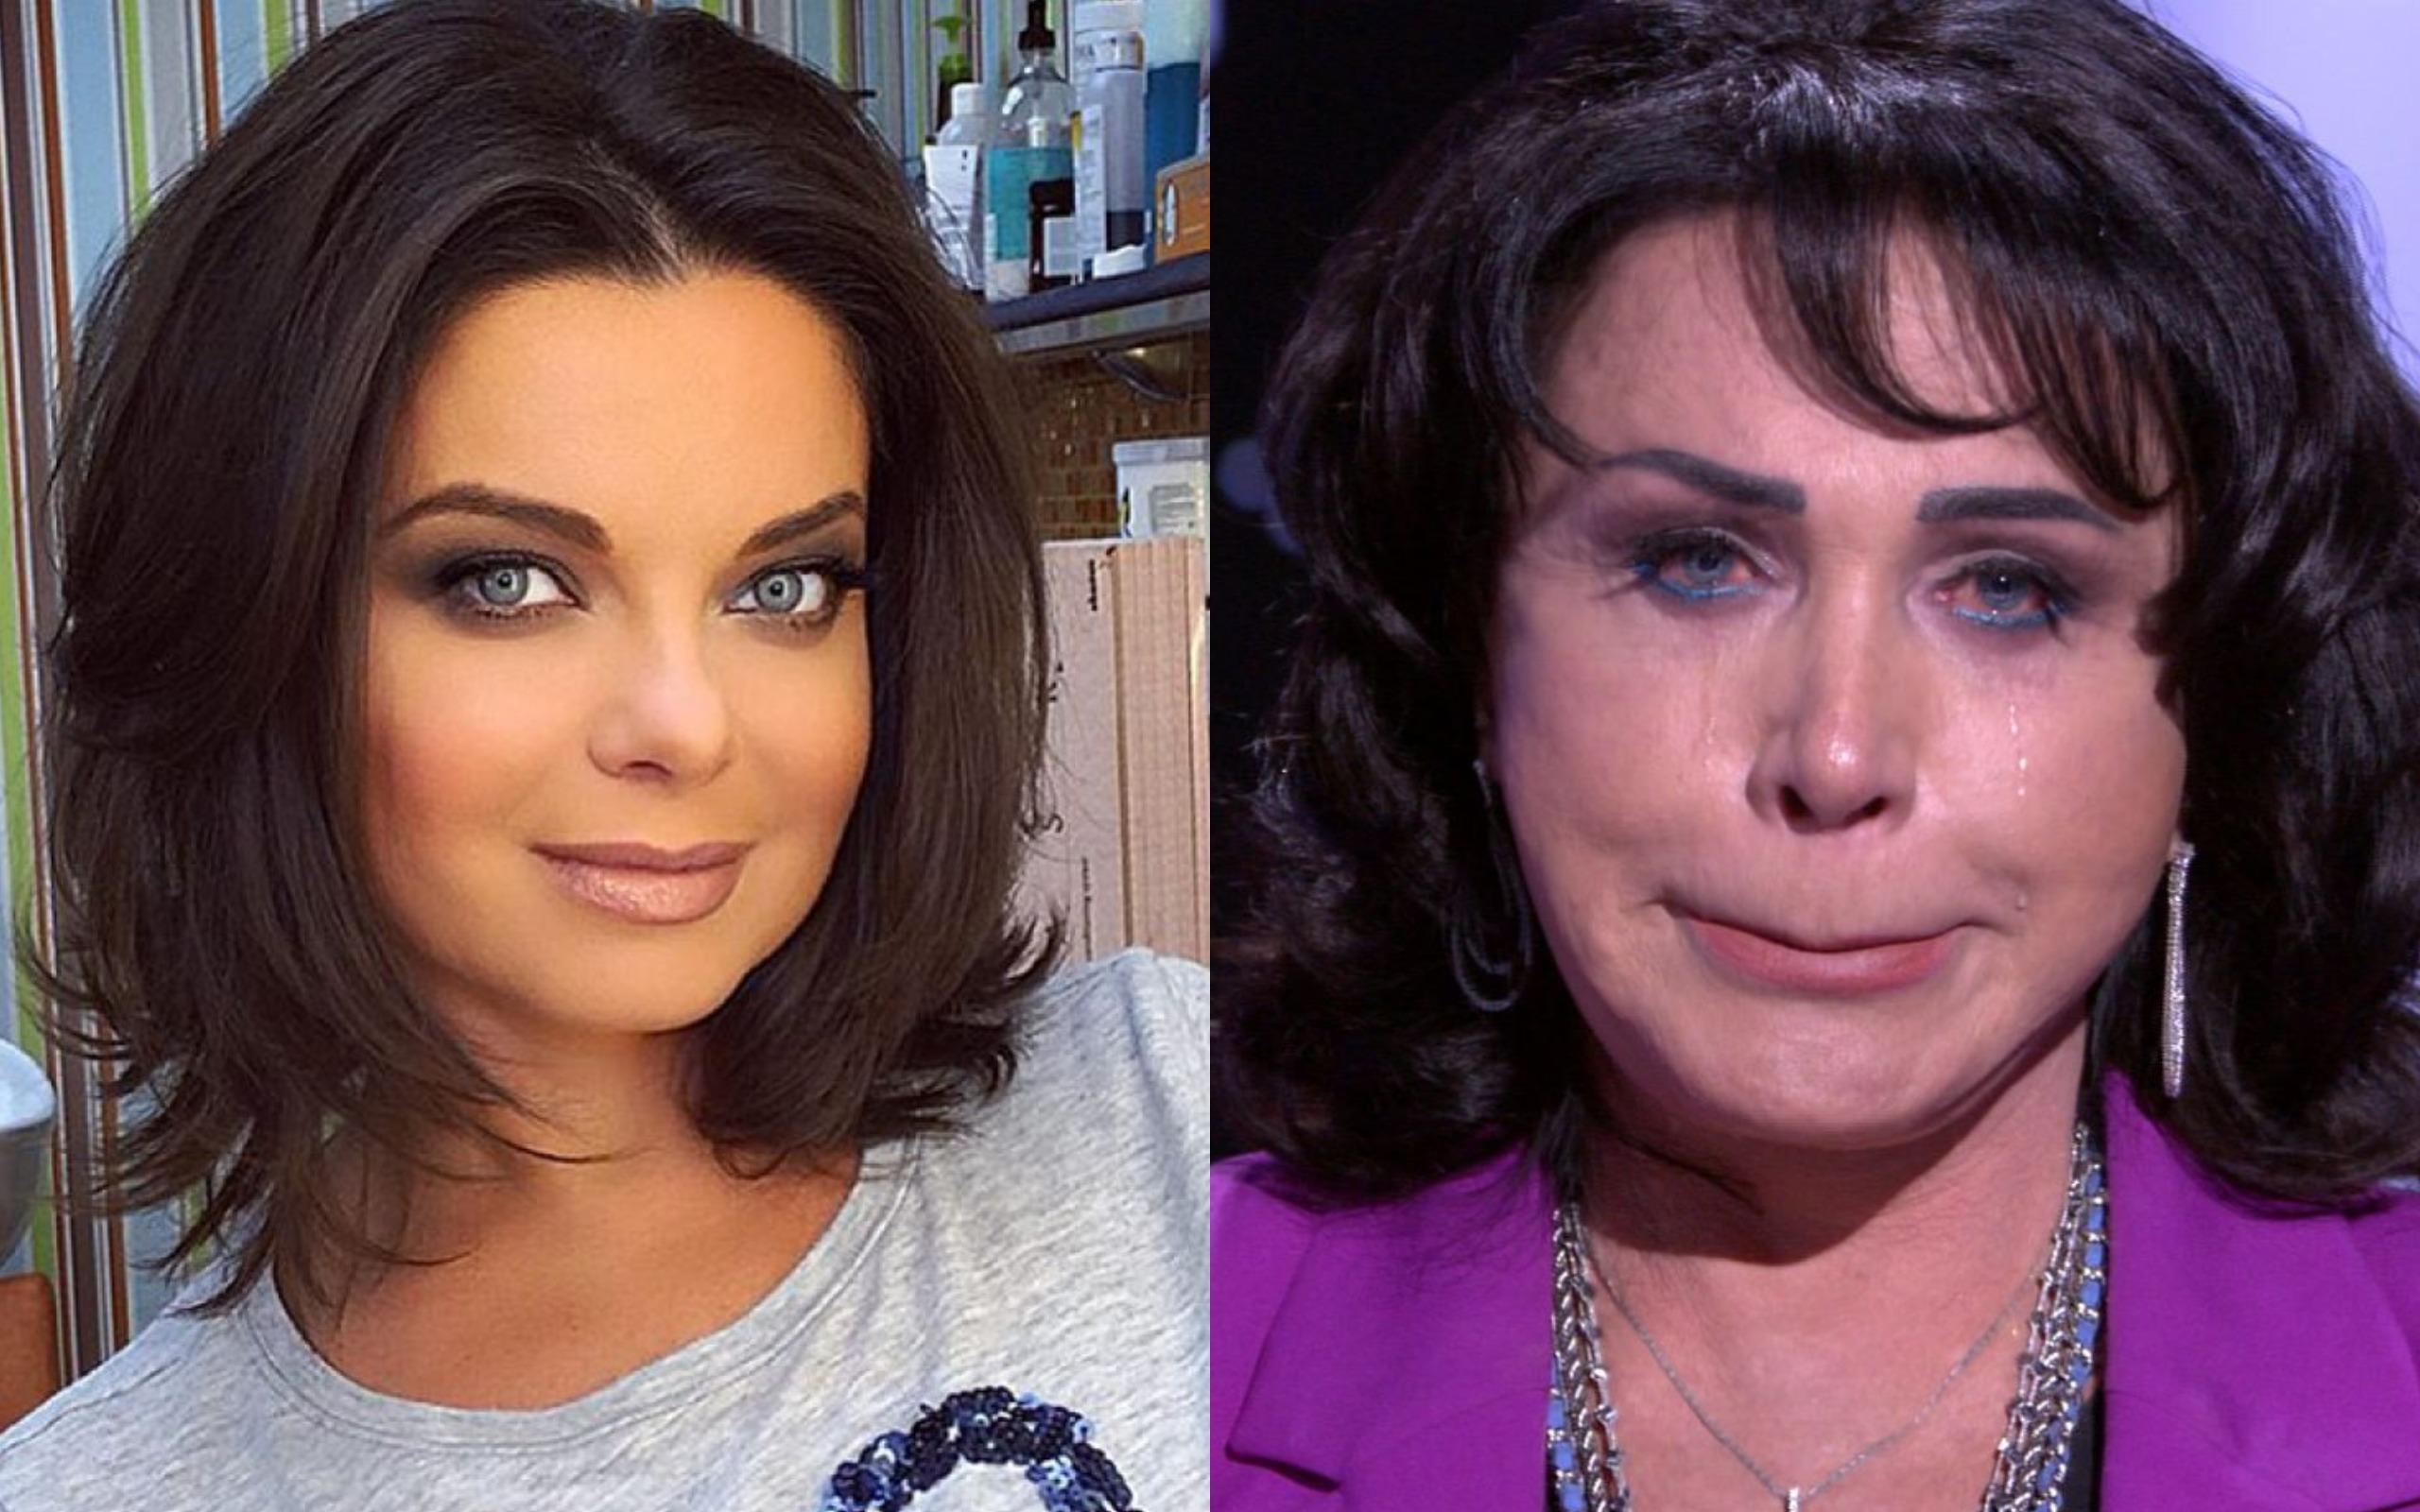 отсортированы количеству наташа королева фото до и после пластики глаза